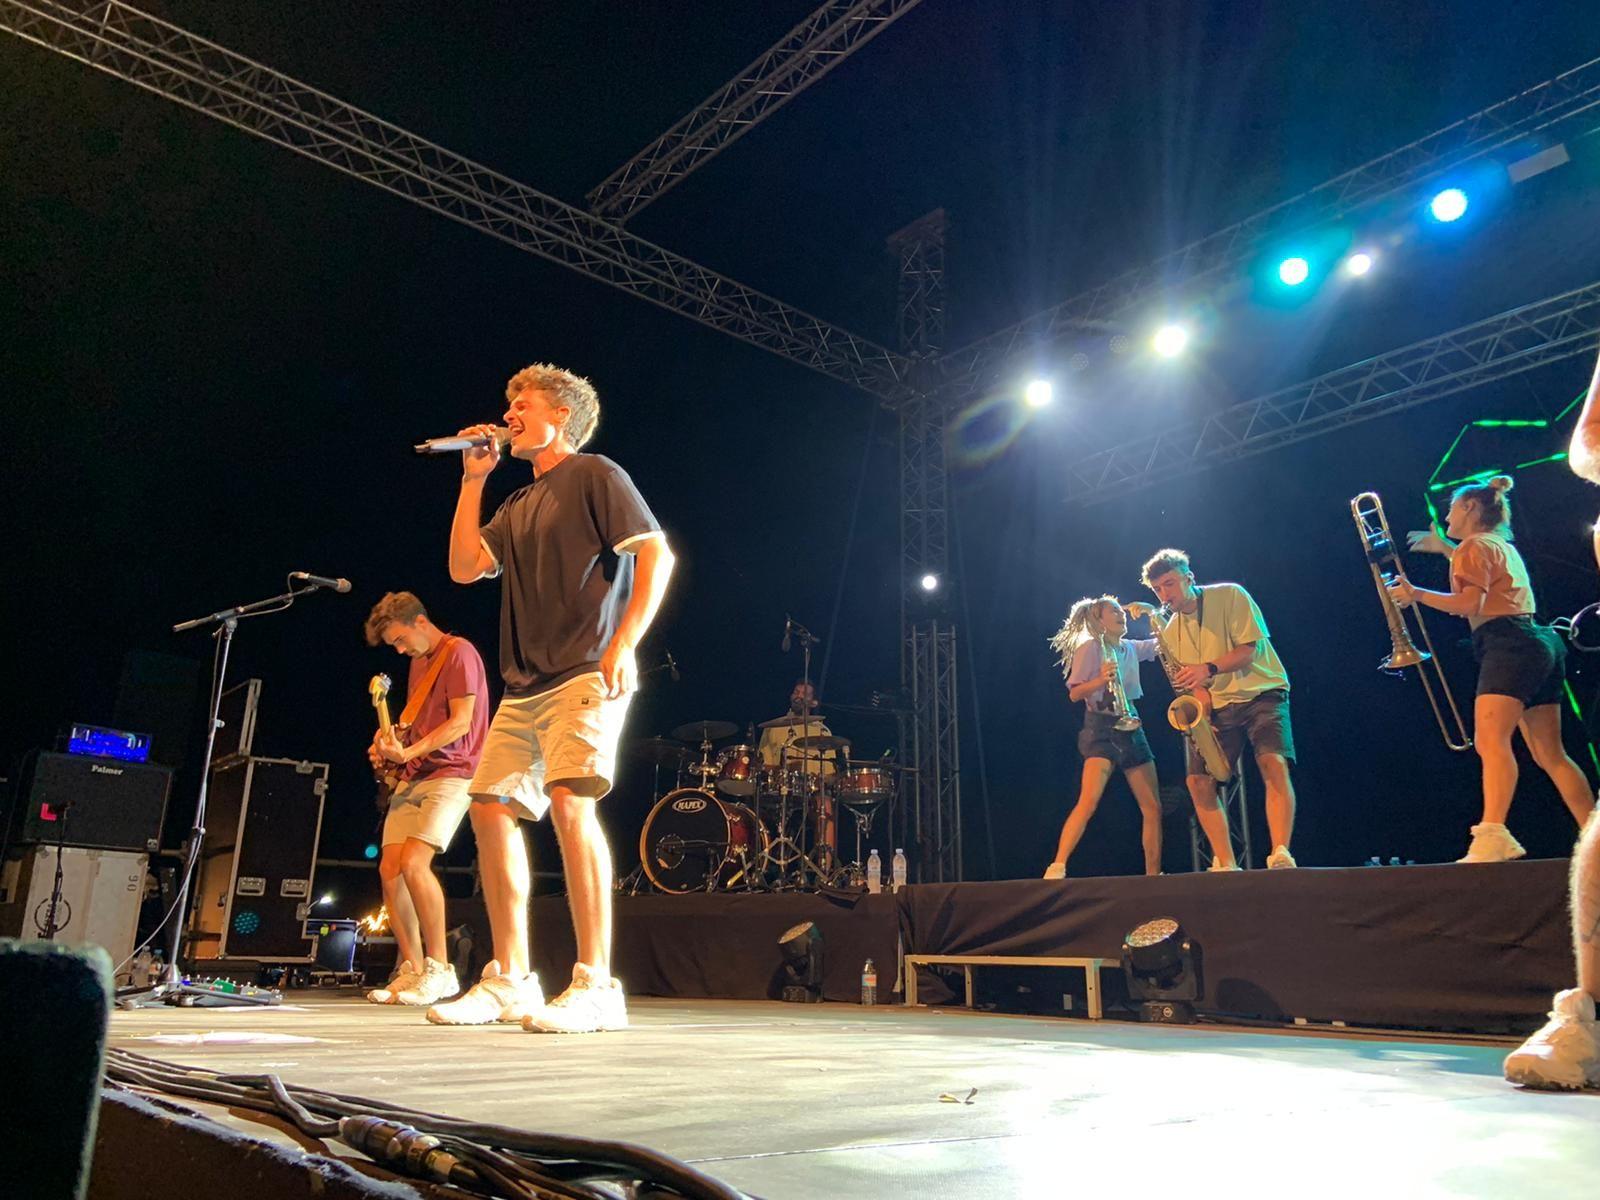 Miki Núñez tanca la 14a edició del Portalblau